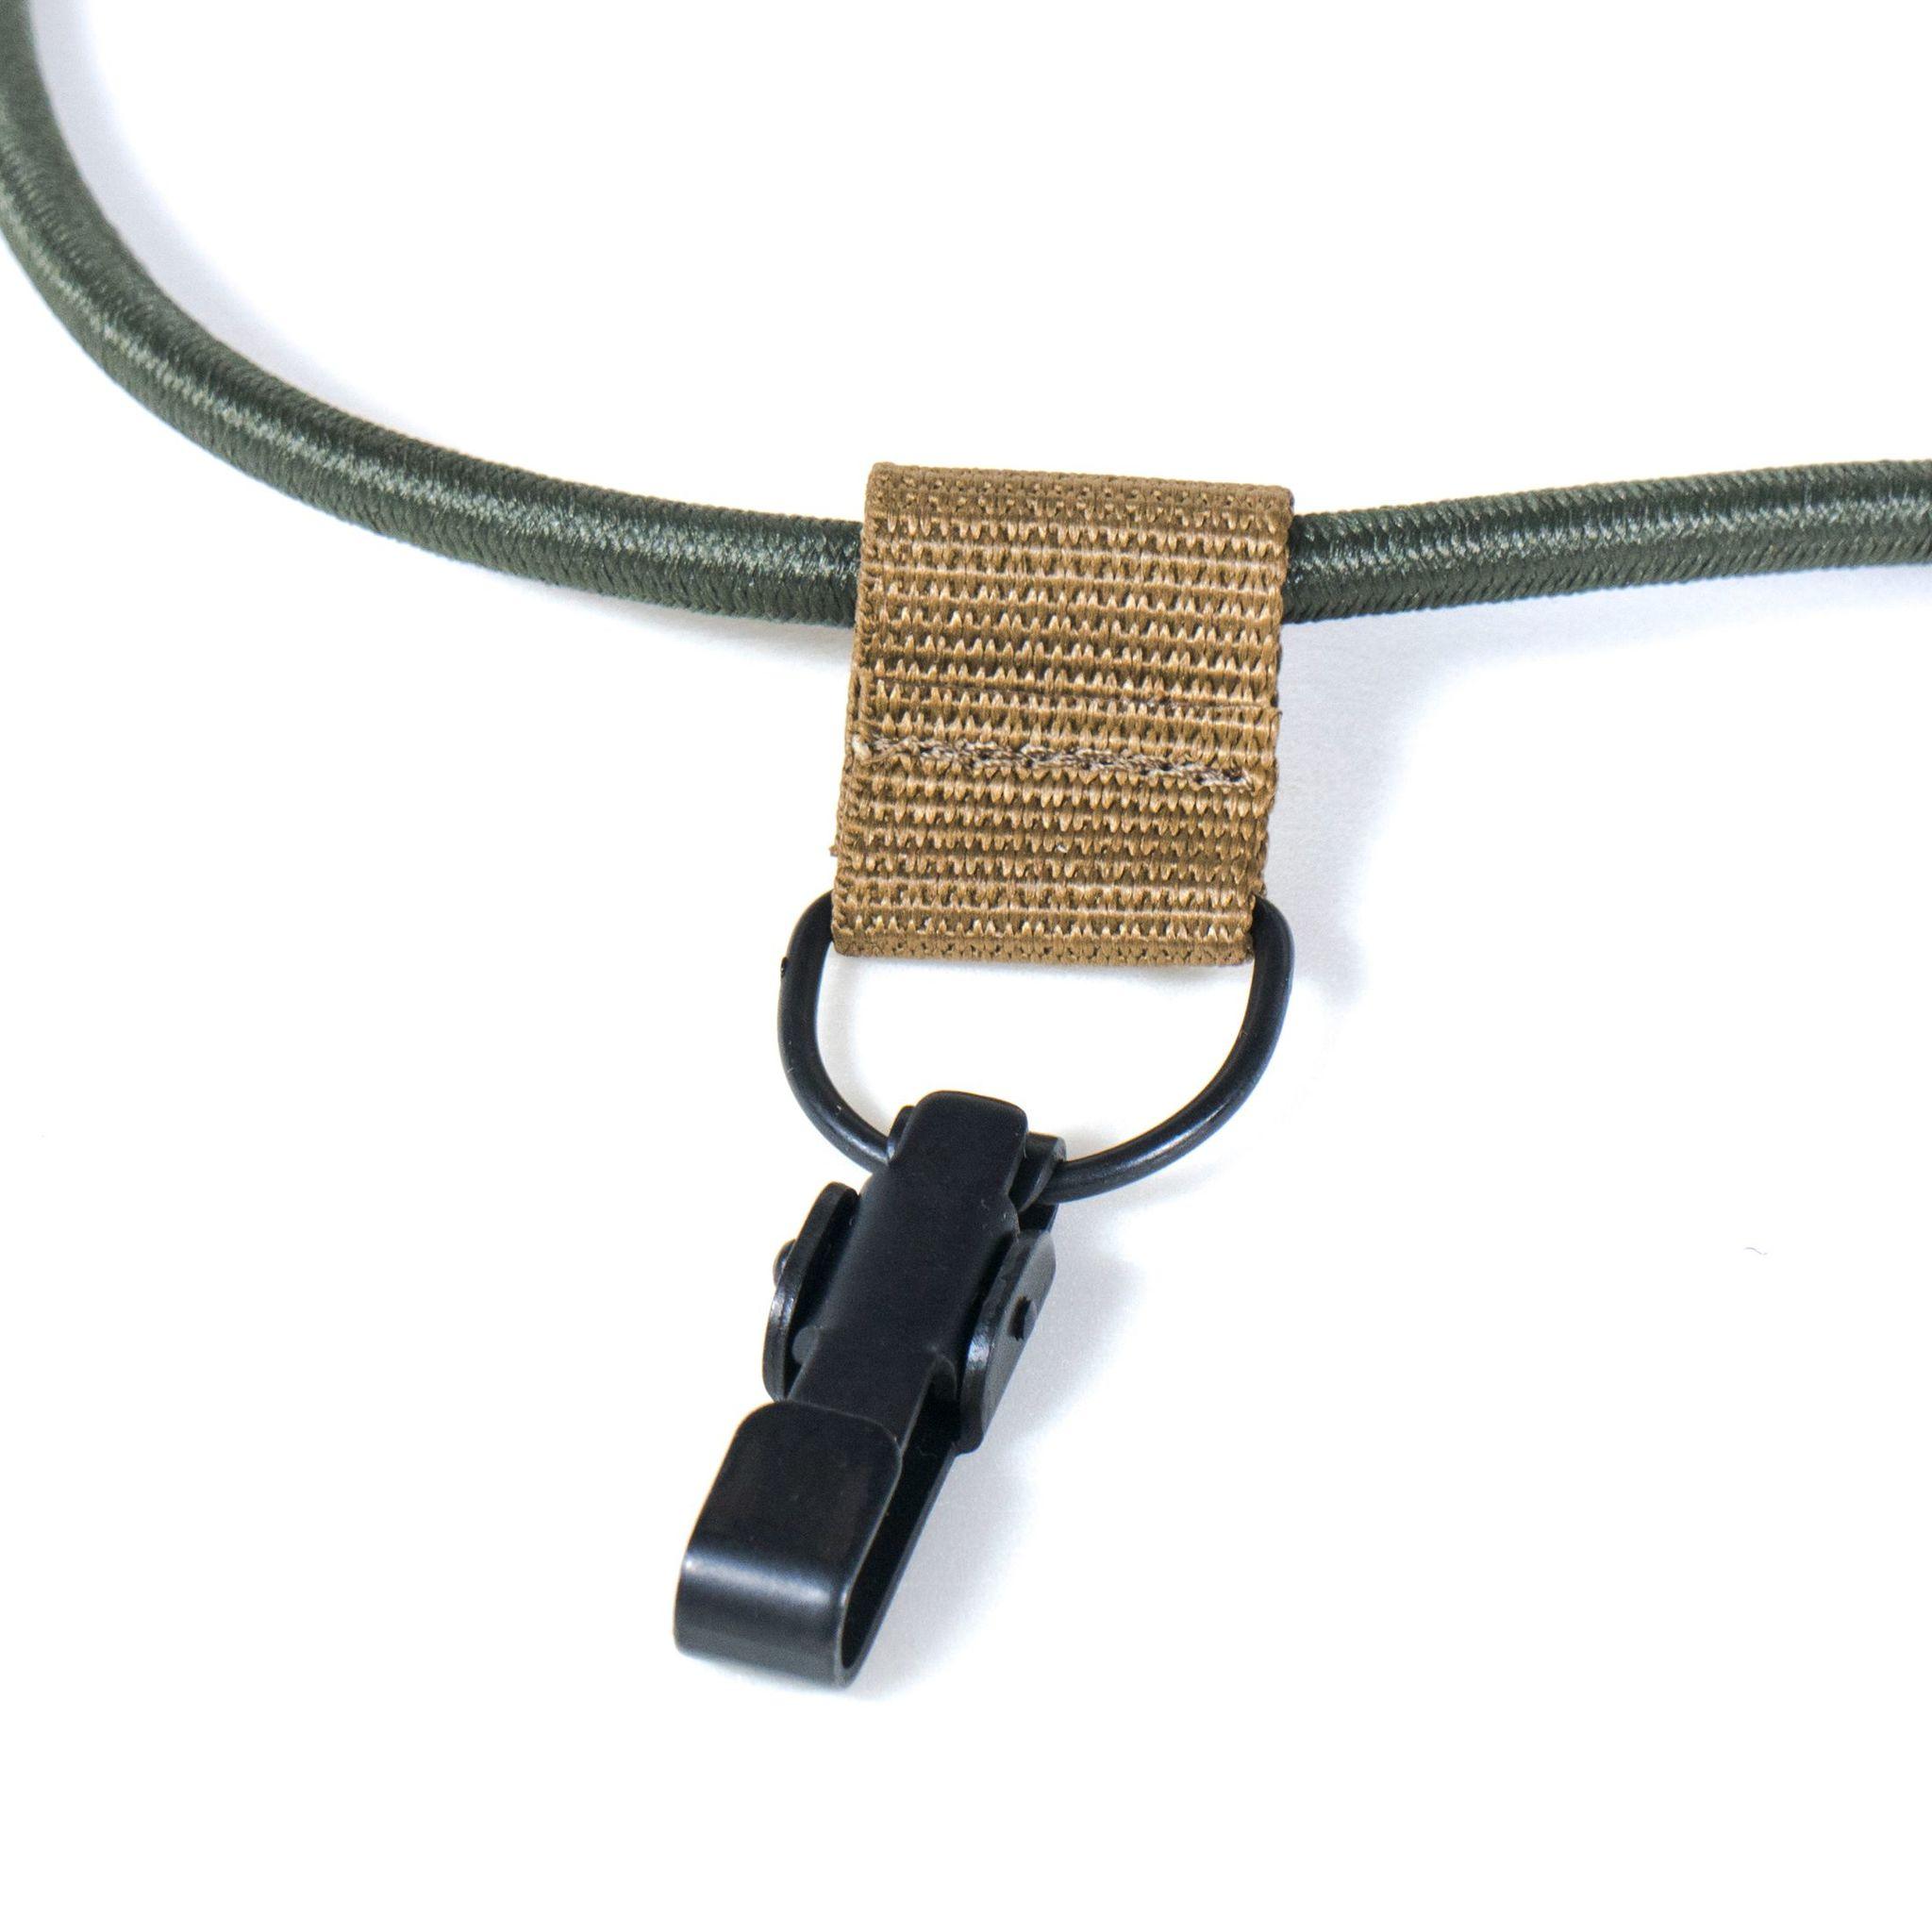 Ремень тактический одно-точечный № 2 с резиновым жгутом Стич Профи